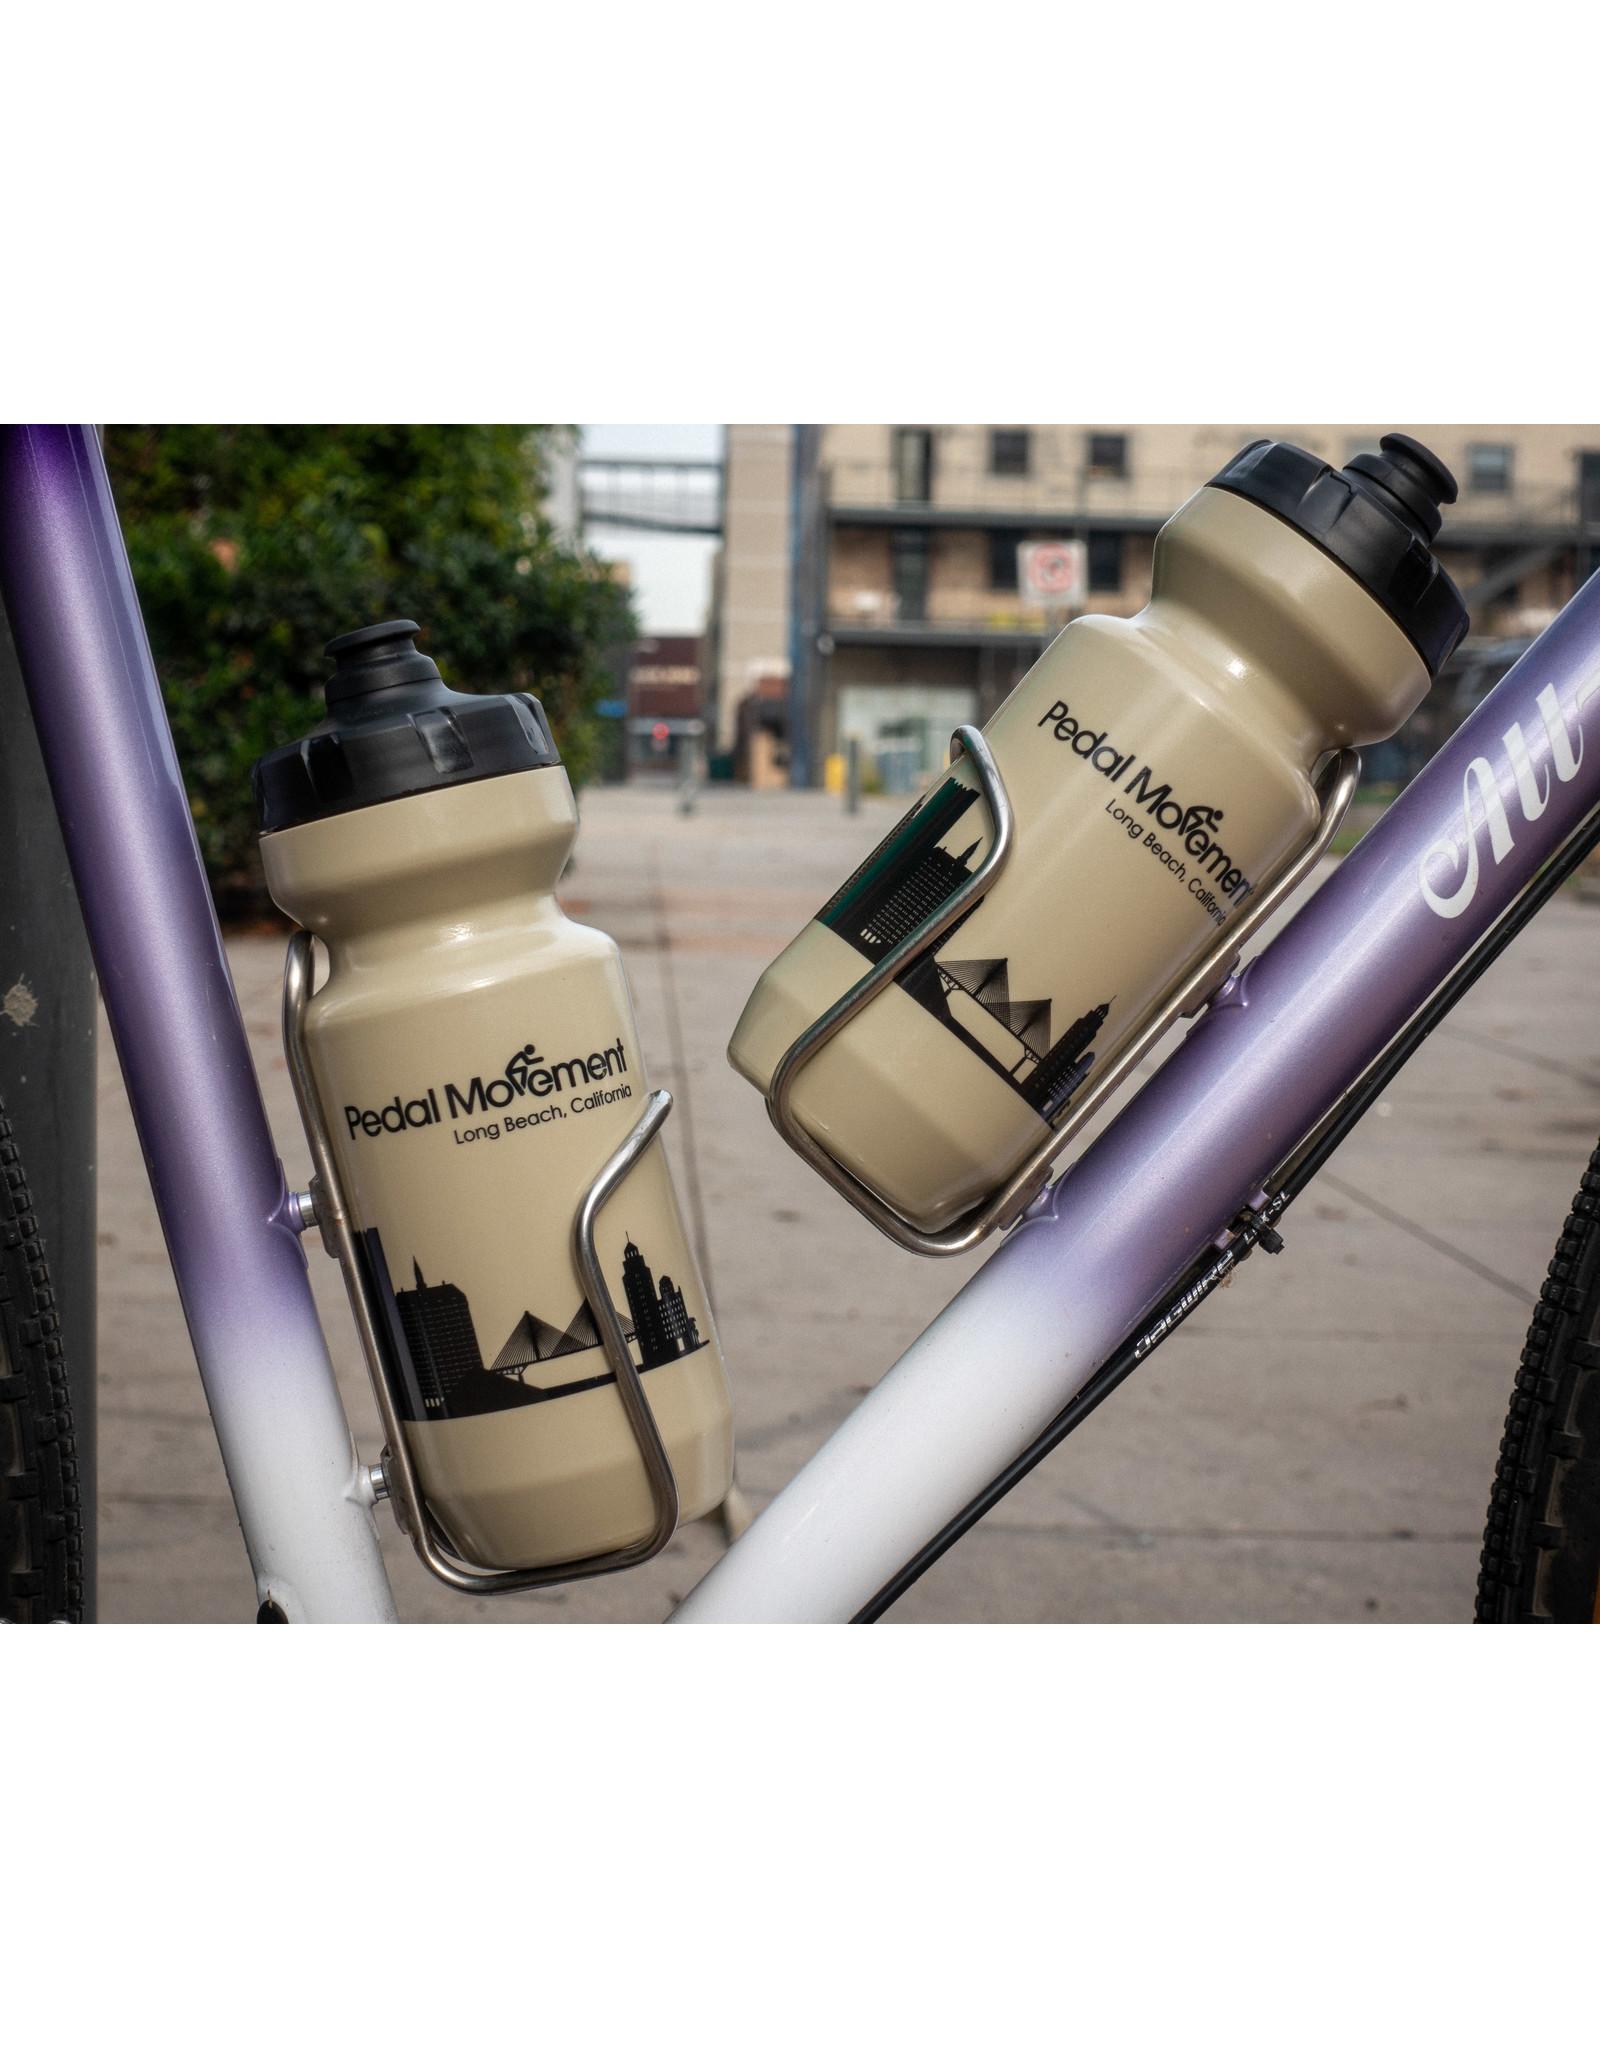 Pedal Movement Pedal Movement 22oz LB Skyline Purist Bottle